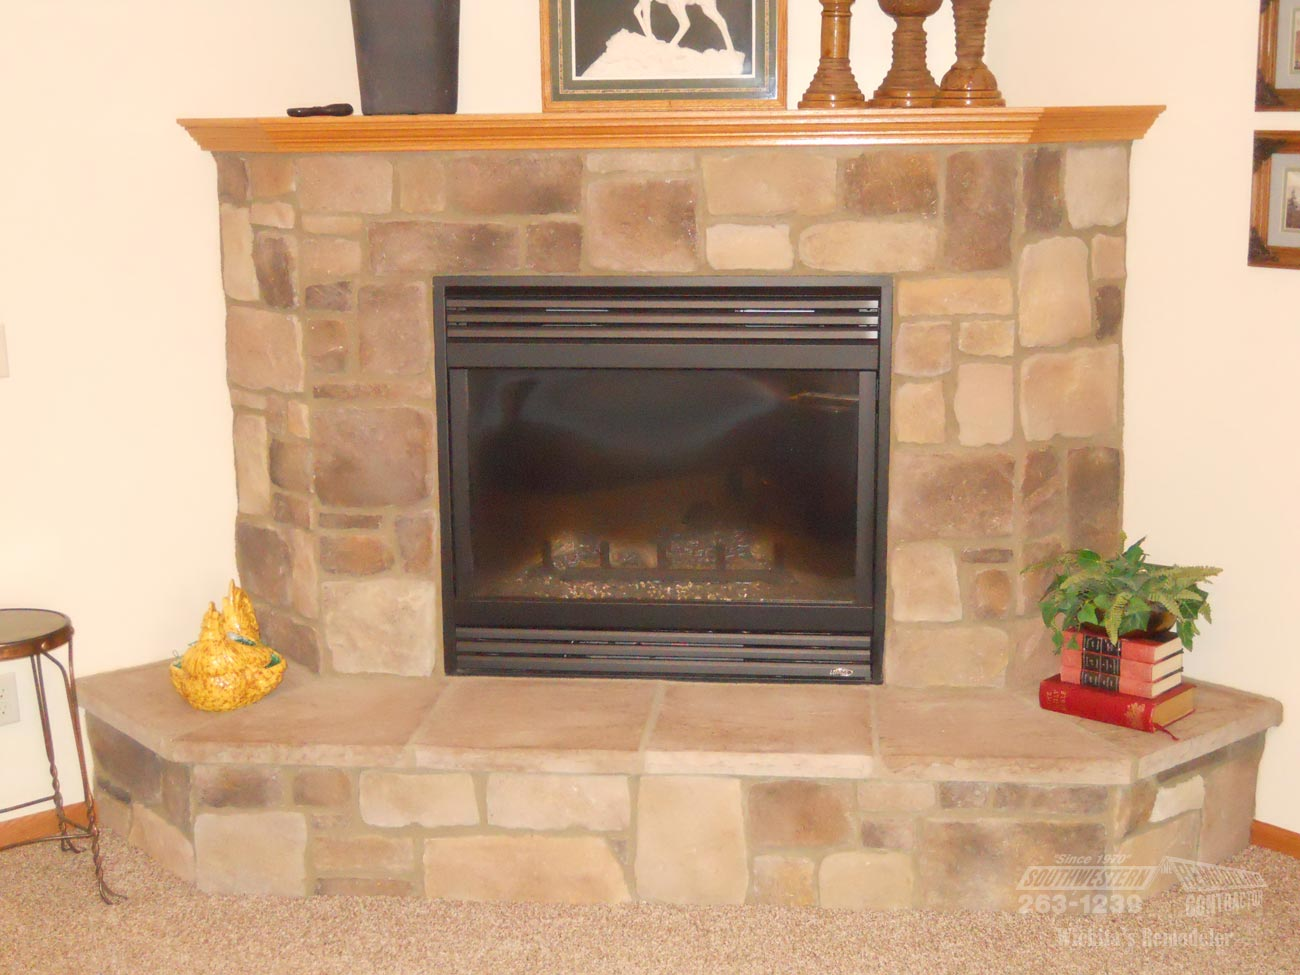 Basement bar remodeling southwestern remodeling ks for Southwestern fireplaces